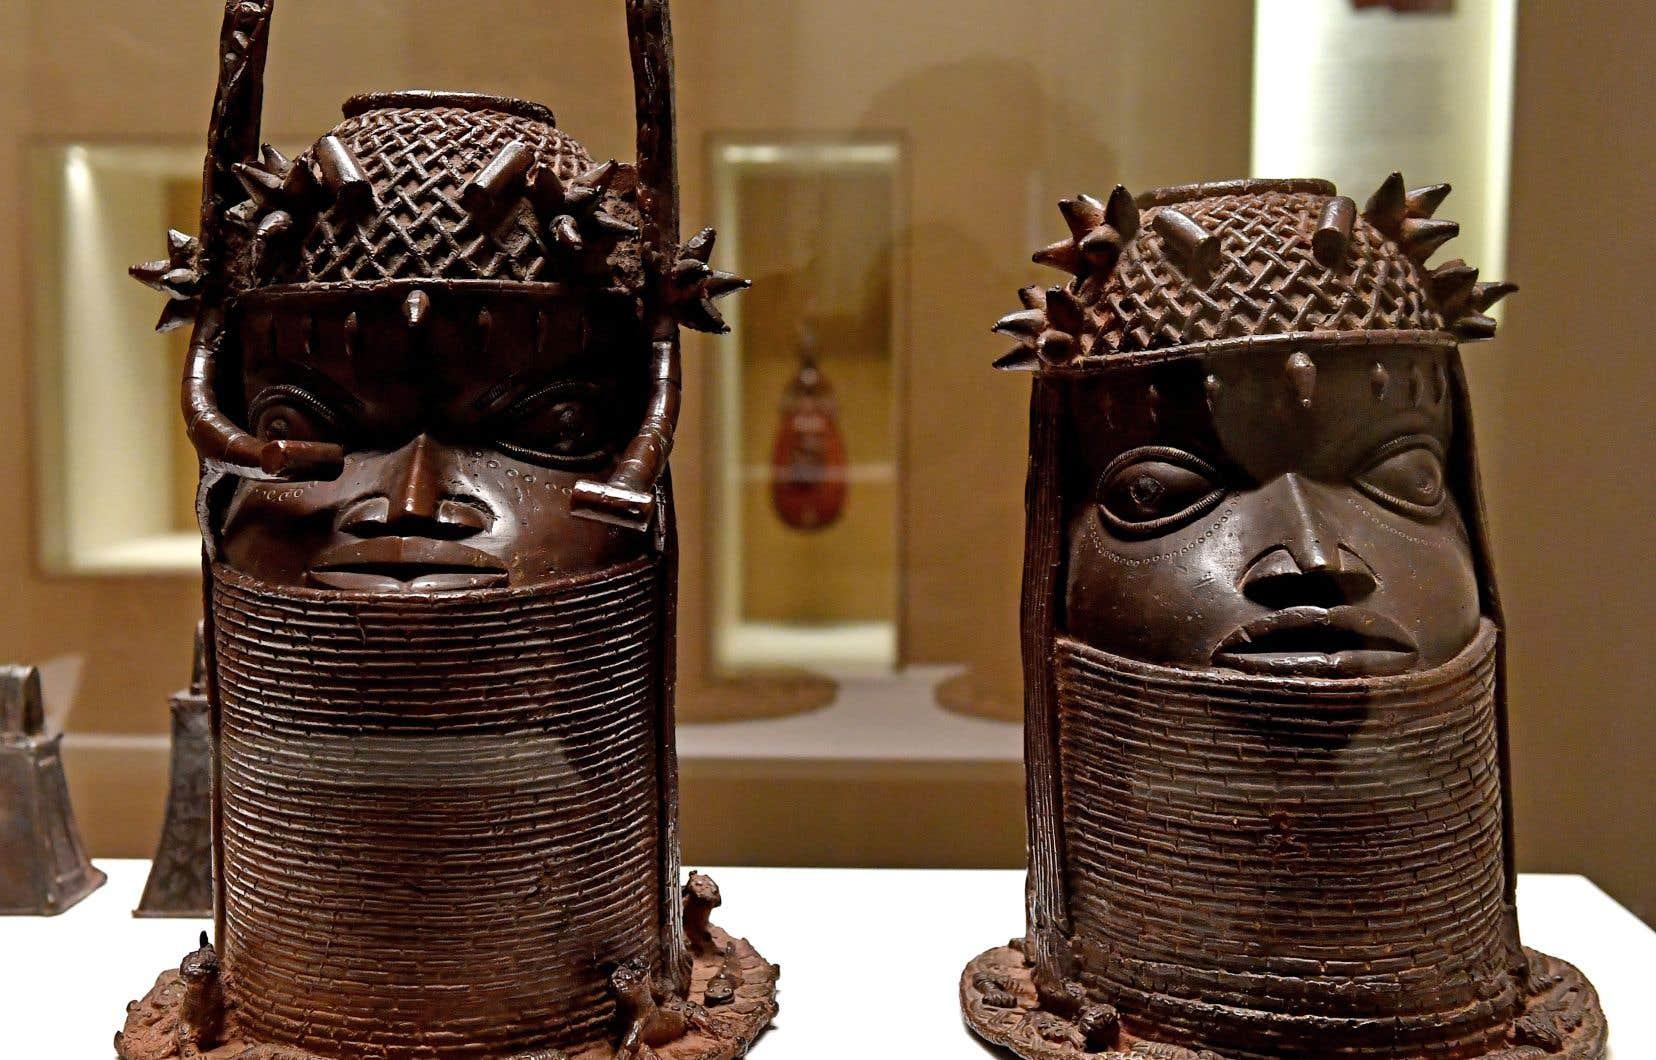 Des œuvres d'art béninoises exposées au Musée du quai Branly — Jacques Chirac, à Paris. Le Bénin fait partie des pays africains réclamant des œuvres à la France.